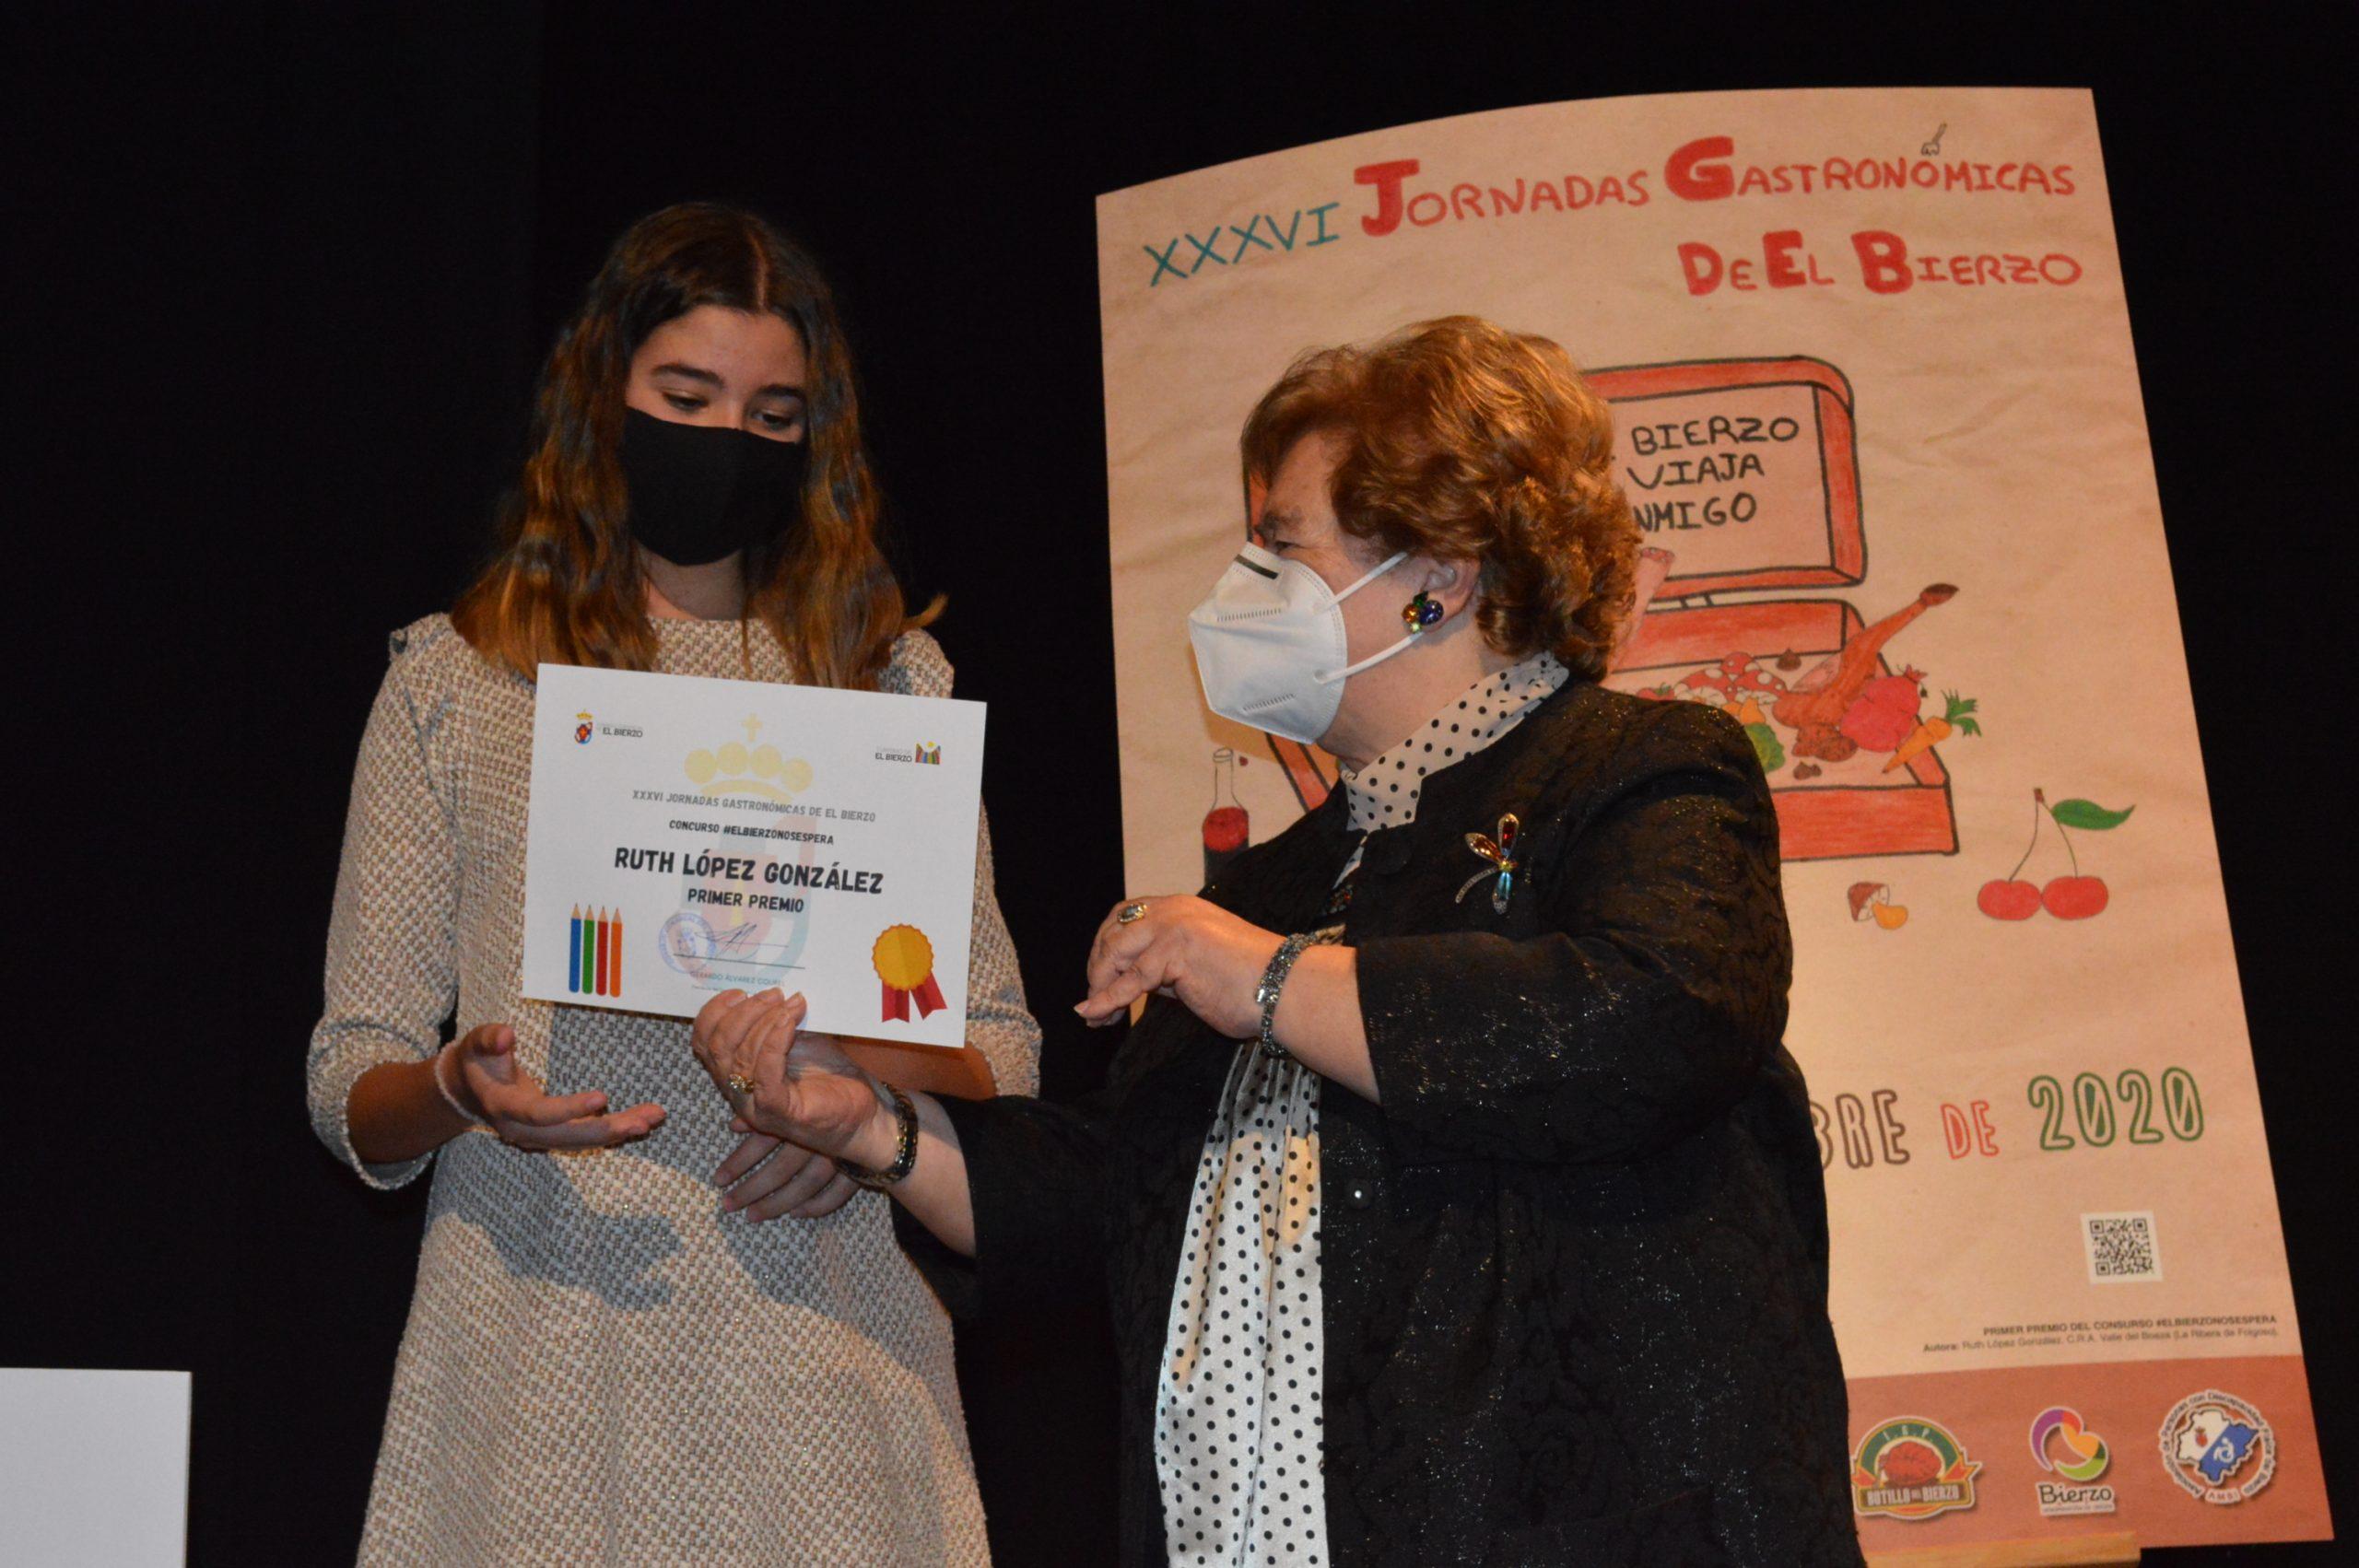 Arrancan las Jornadas Gastronómicas de El Bierzo con el pregón de su mantenedora Yolanda Ordás 14